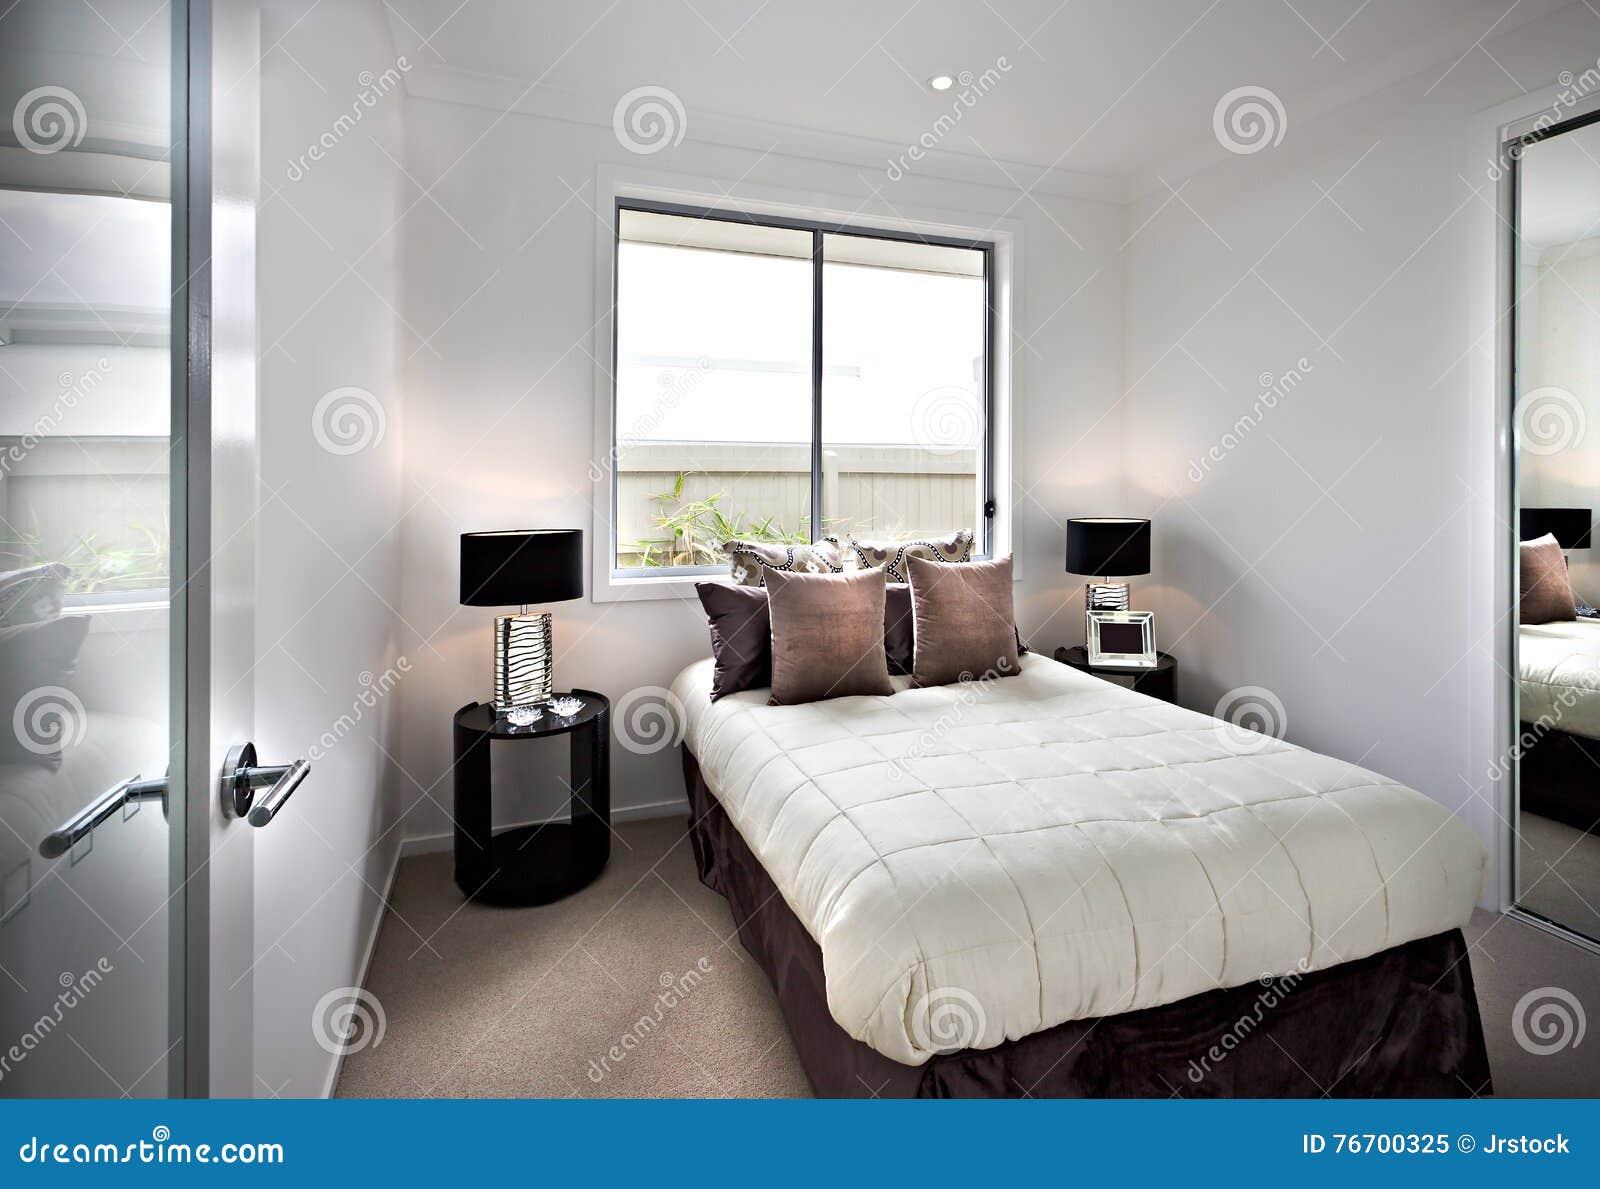 Dormitorio moderno y clásico con las ventanas y las lámparas